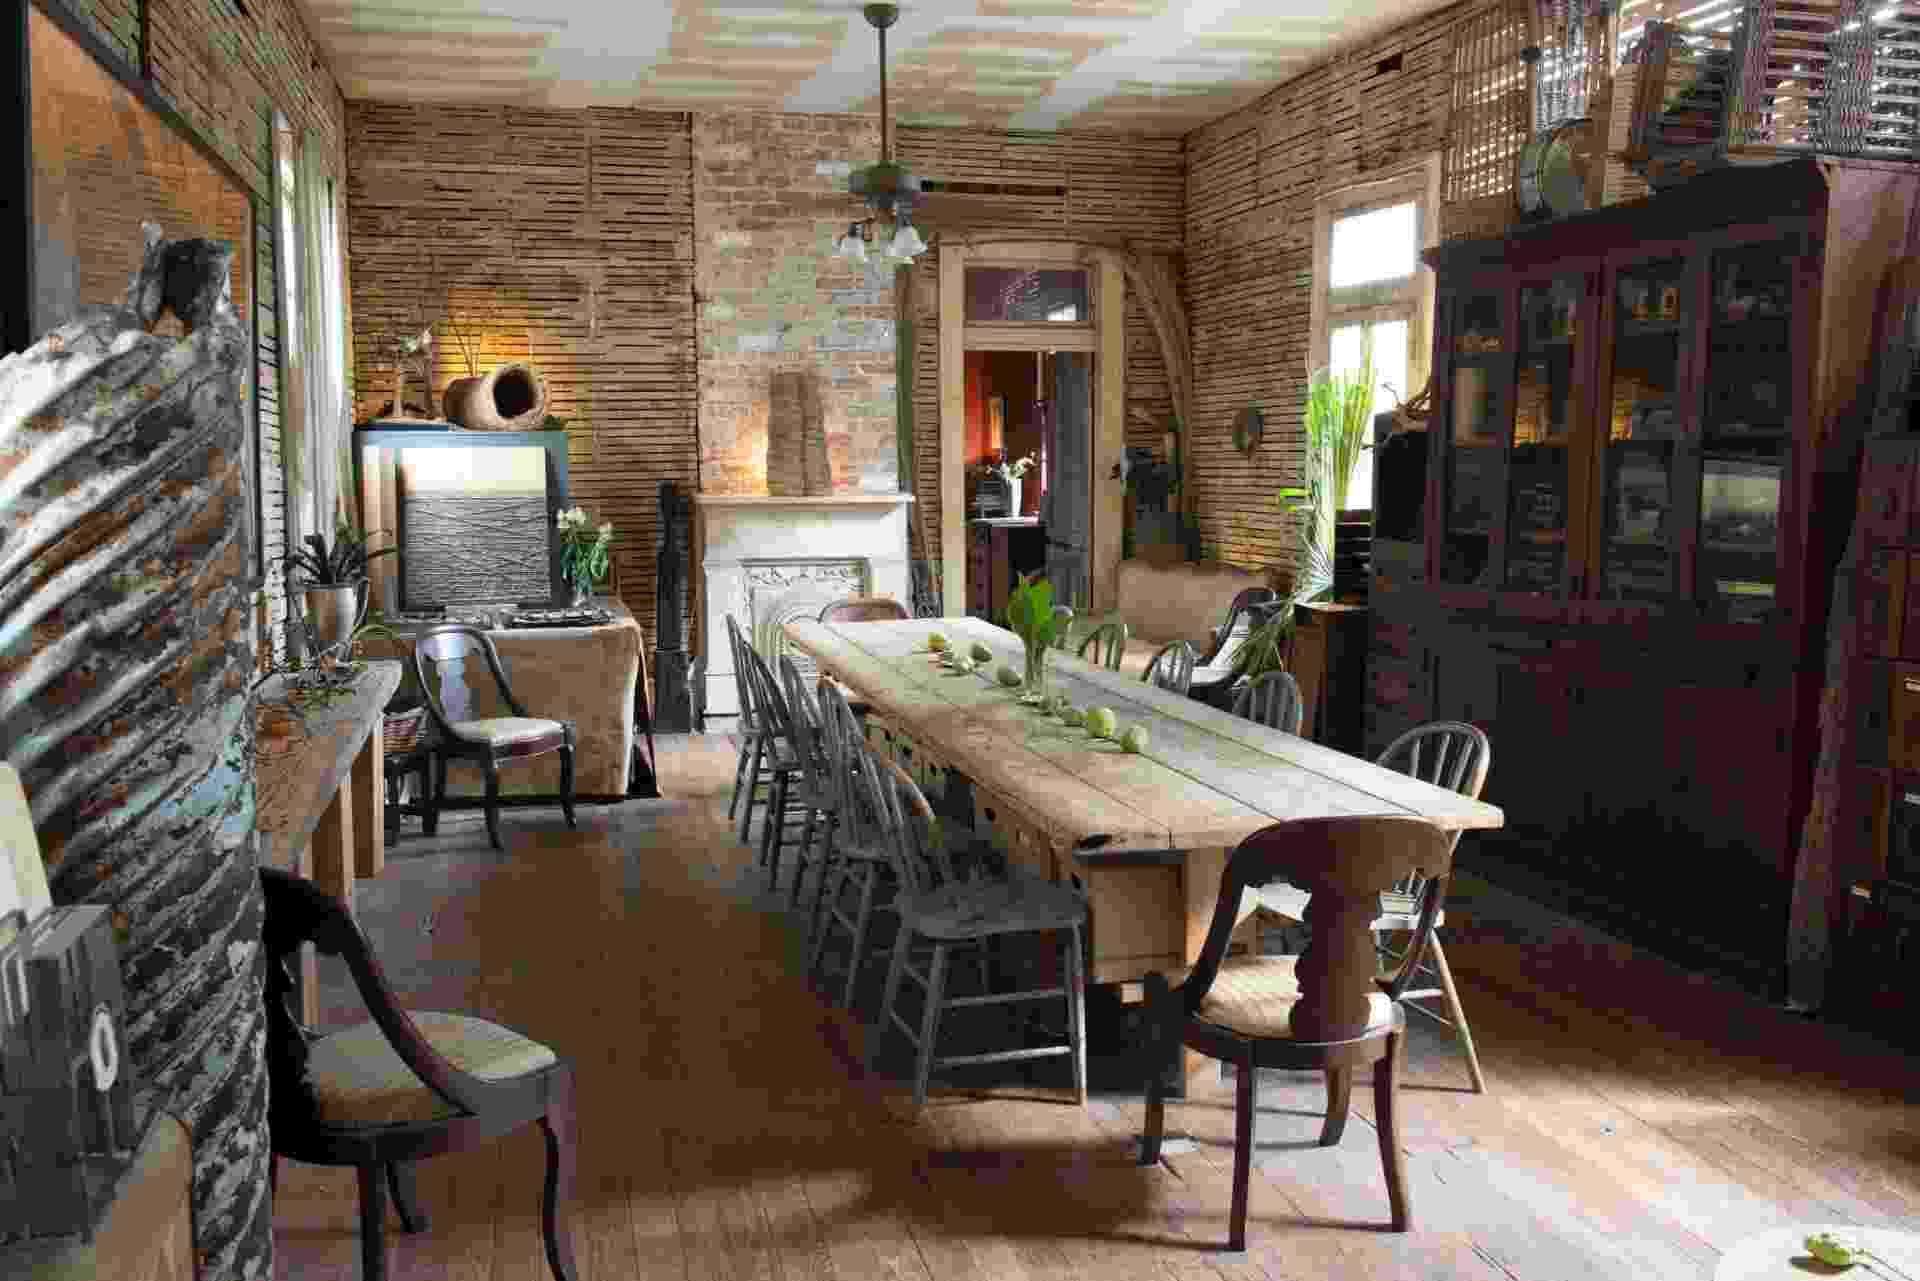 A sala com uma extensa mesa de jantar é o principal cômodo do ateliê de arte de Dawn DeDeaux, que atualmente é usado como casa. O ambiente teve uma parede removida e não é antecedido por um foyer, como de costume nas casas de Nova Orleans (Imagem do NYT, usar apenas no respectivo material) - Paul Costello/ The New York Times